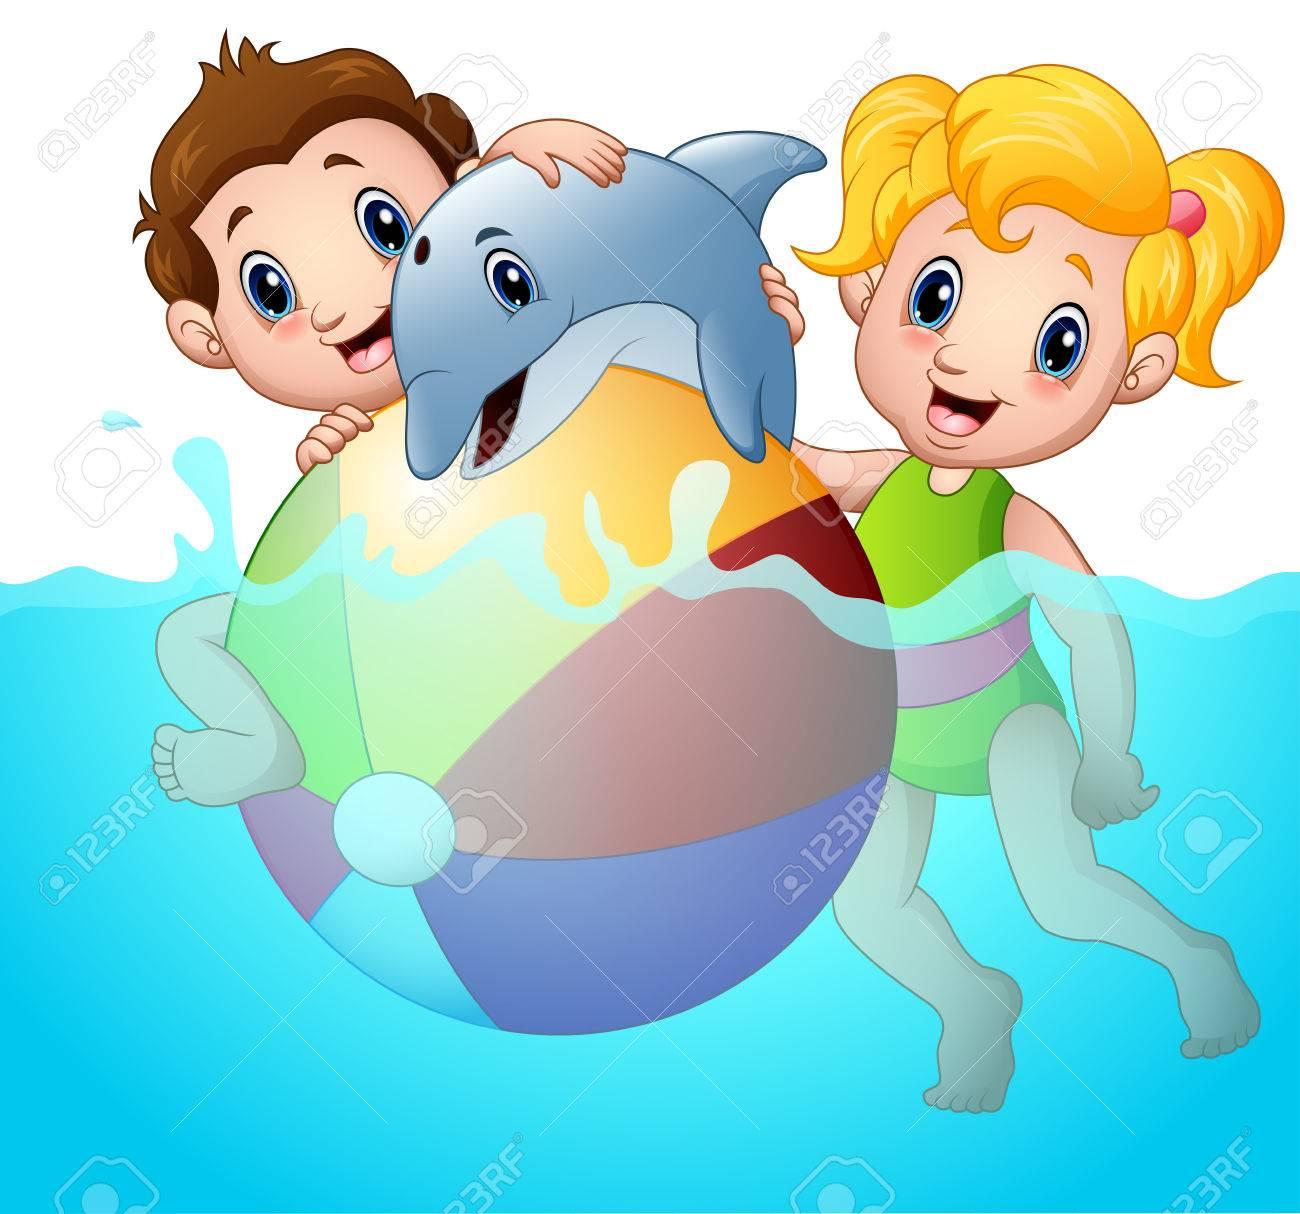 Ilustración Vectorial De Dibujos Animados Niños Y Niñas Jugando